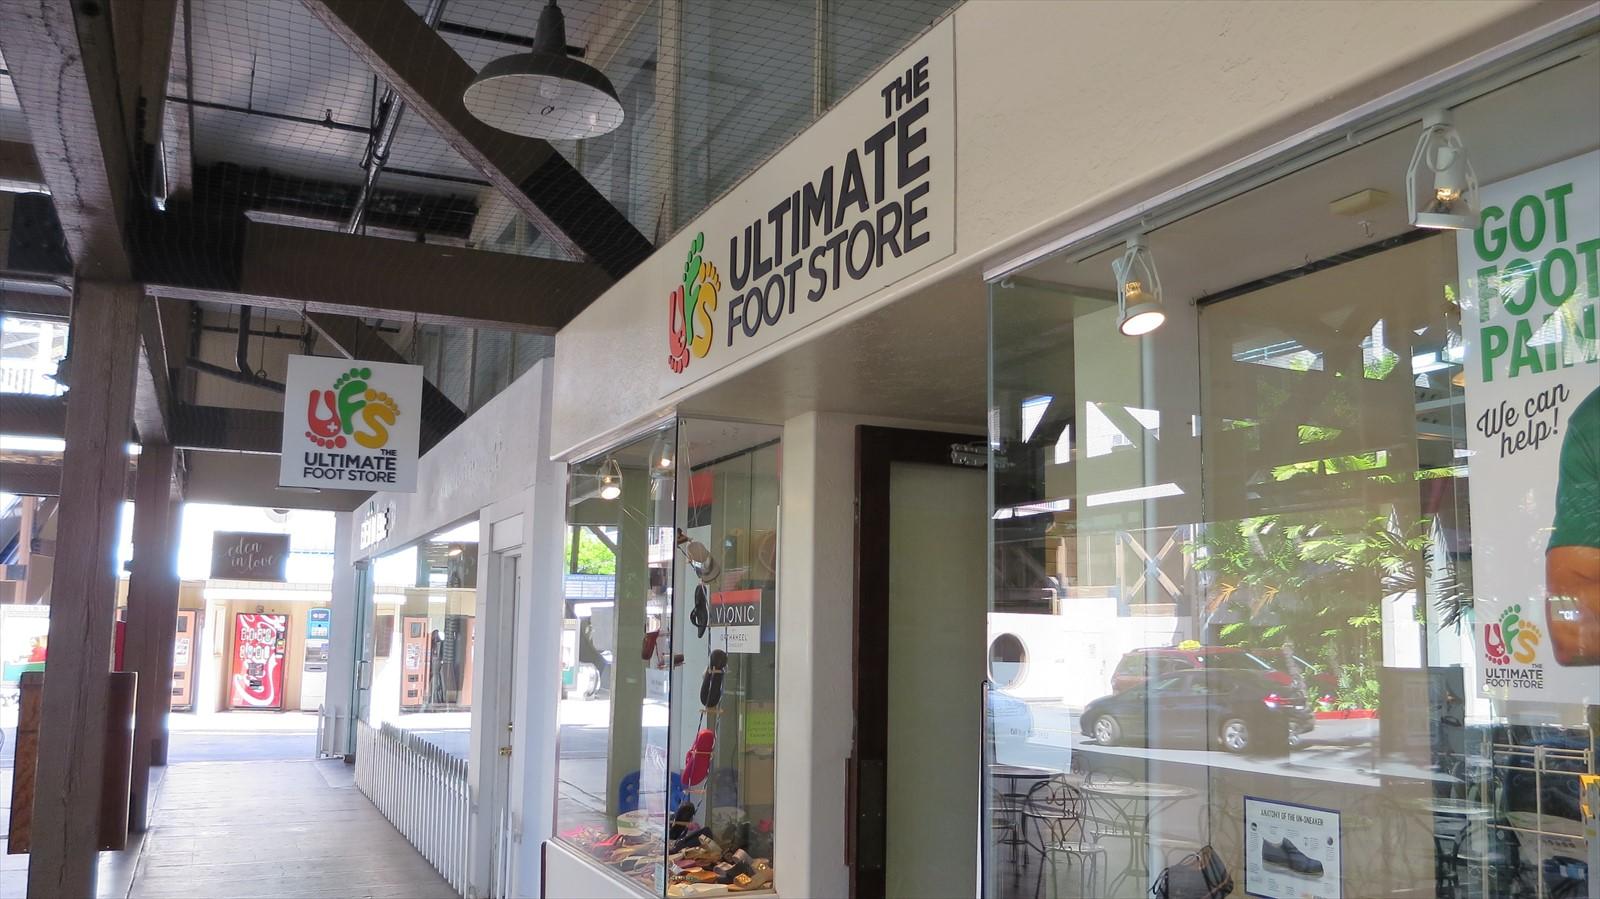 【閉店】まちの靴屋さんでサンダルゲット!The Ultimate Foot store@Ward